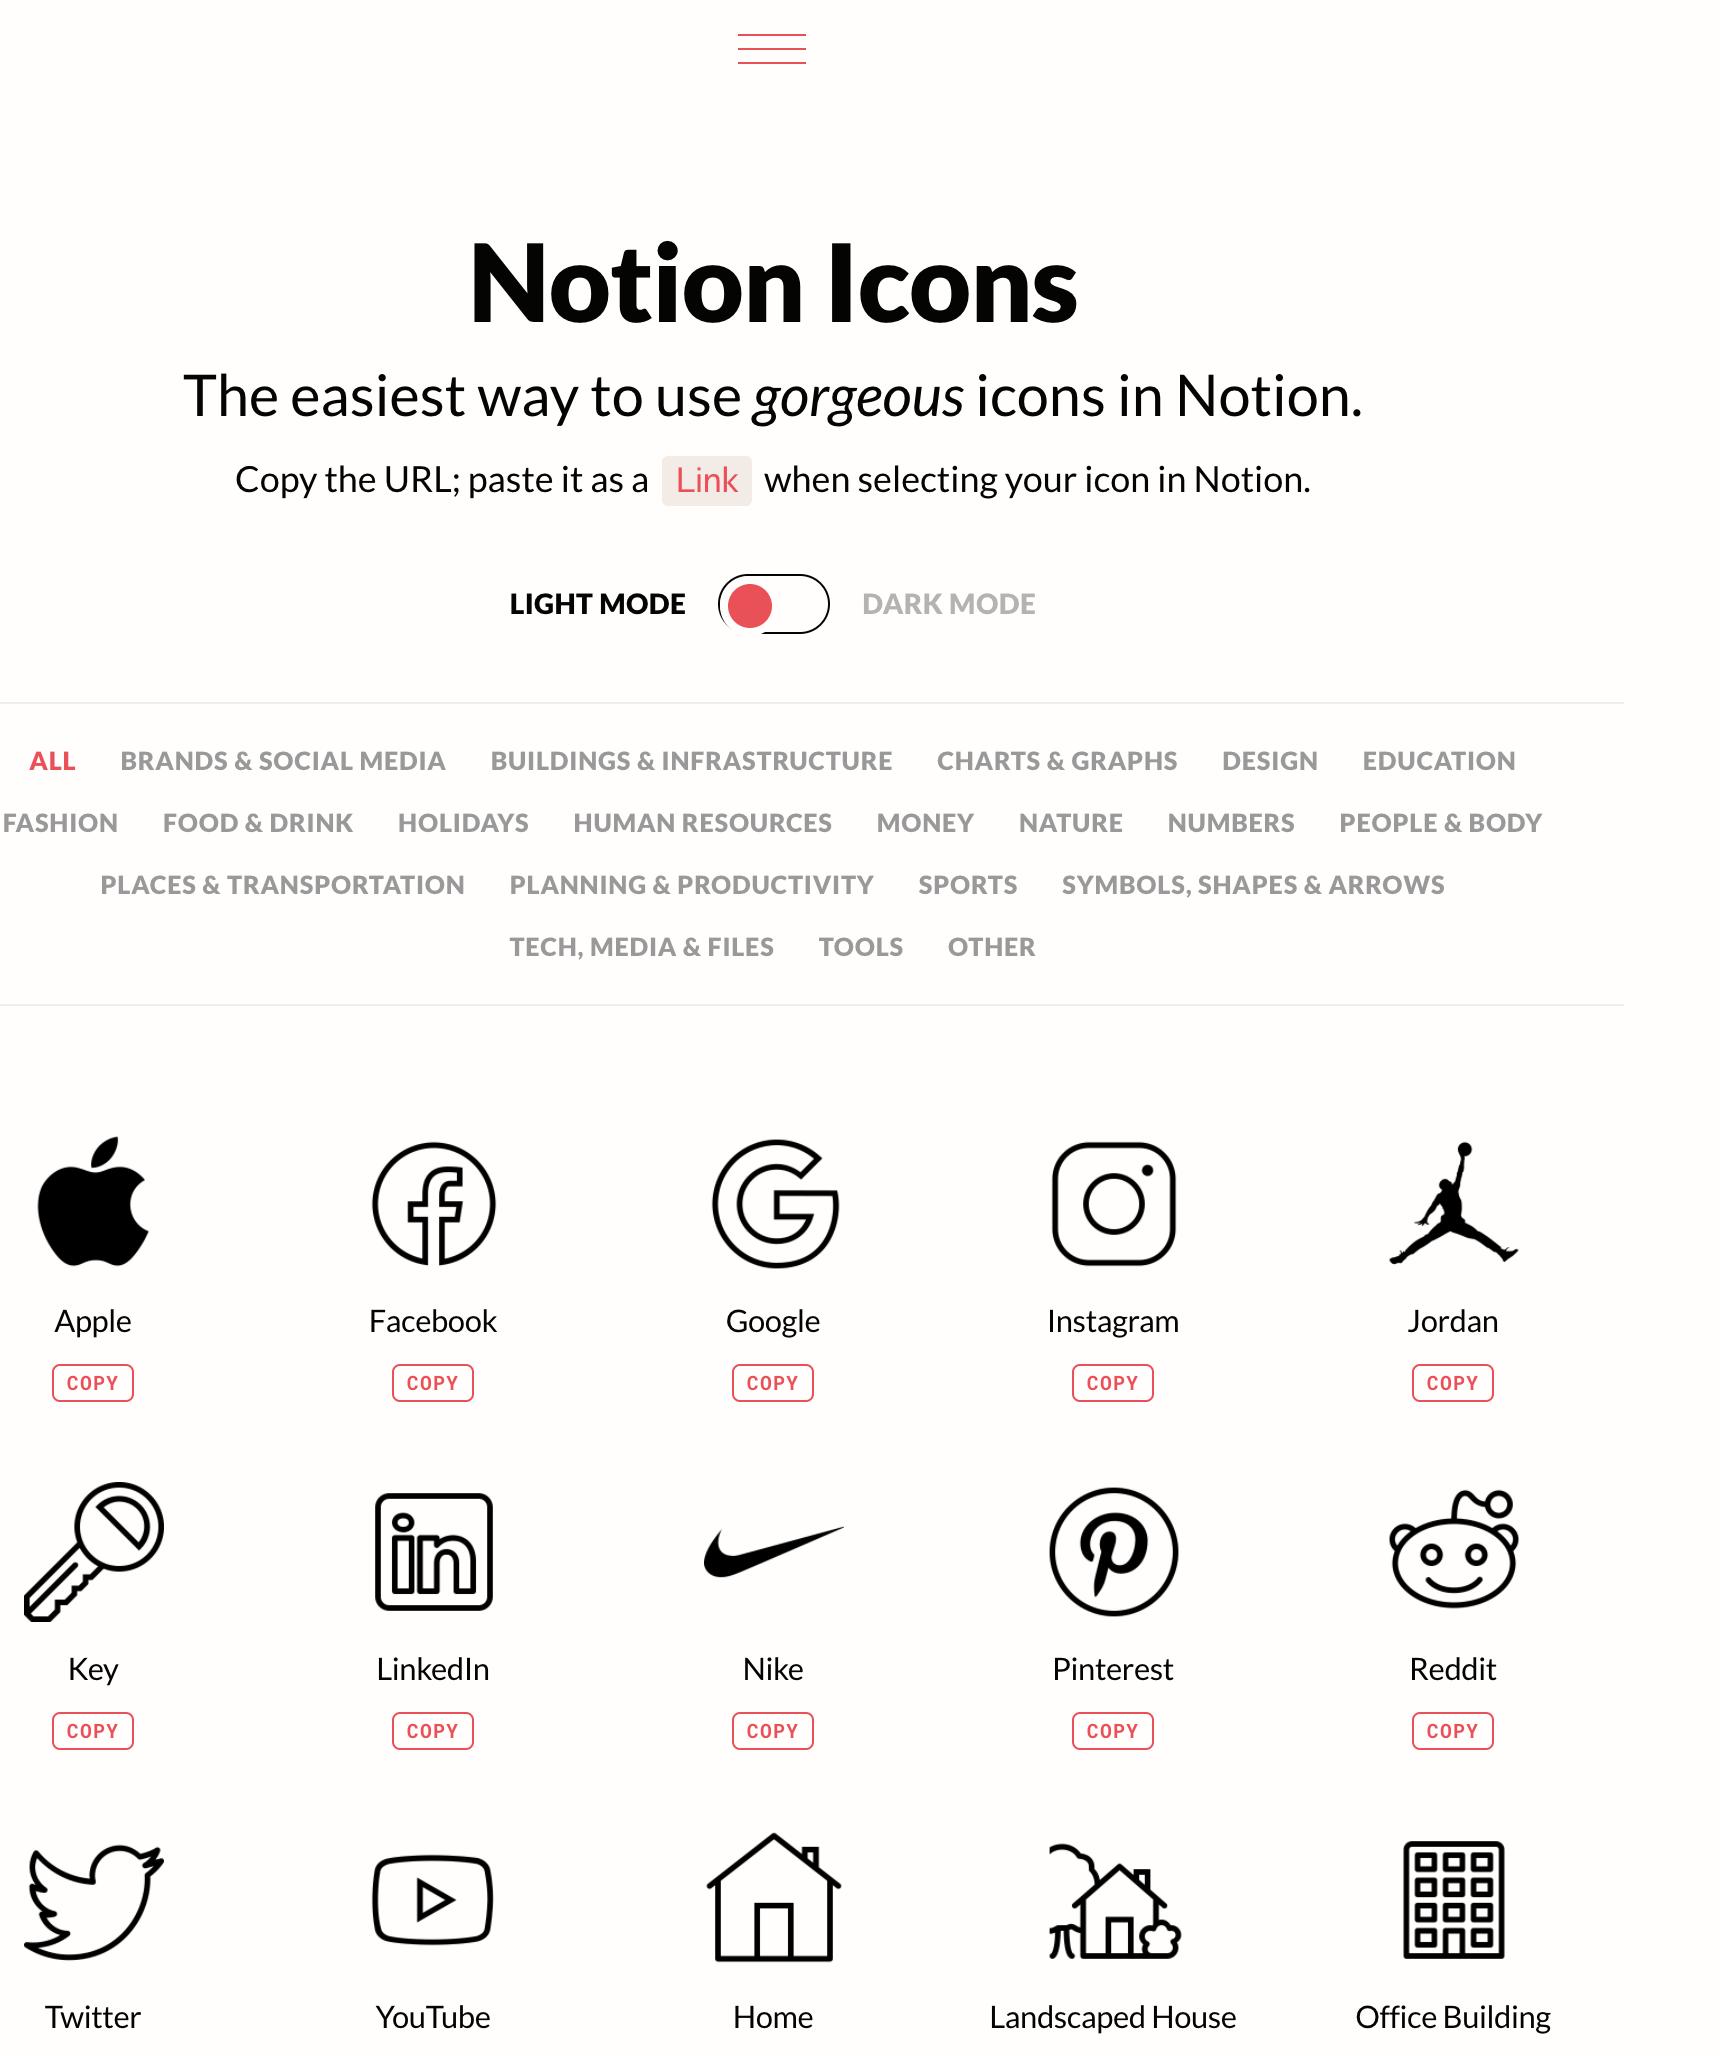 notion-icons-image